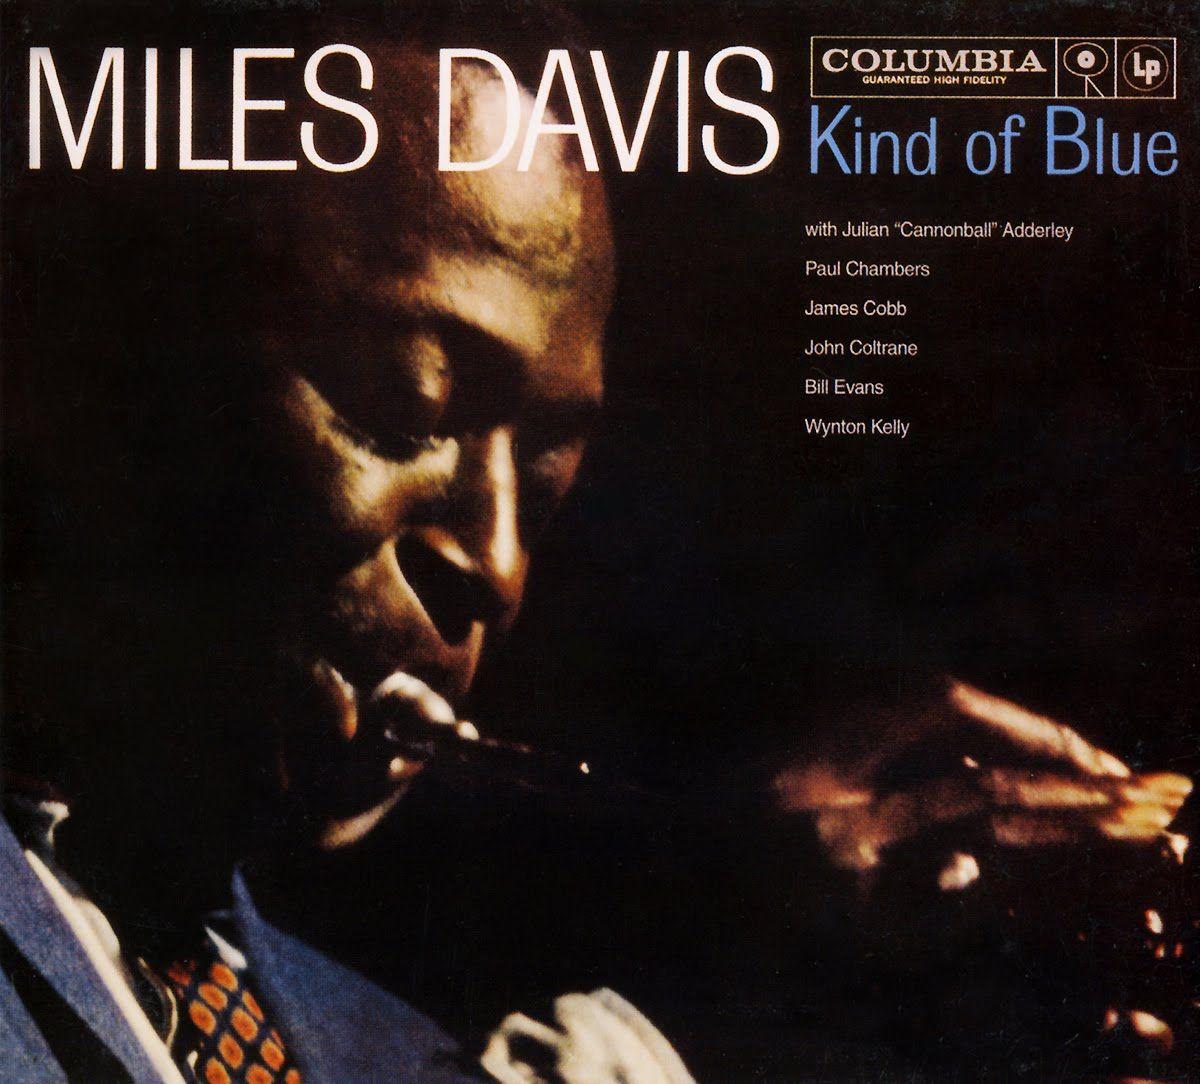 Miles davis — all blues. Mp3 скачать или слушать бесплатно.